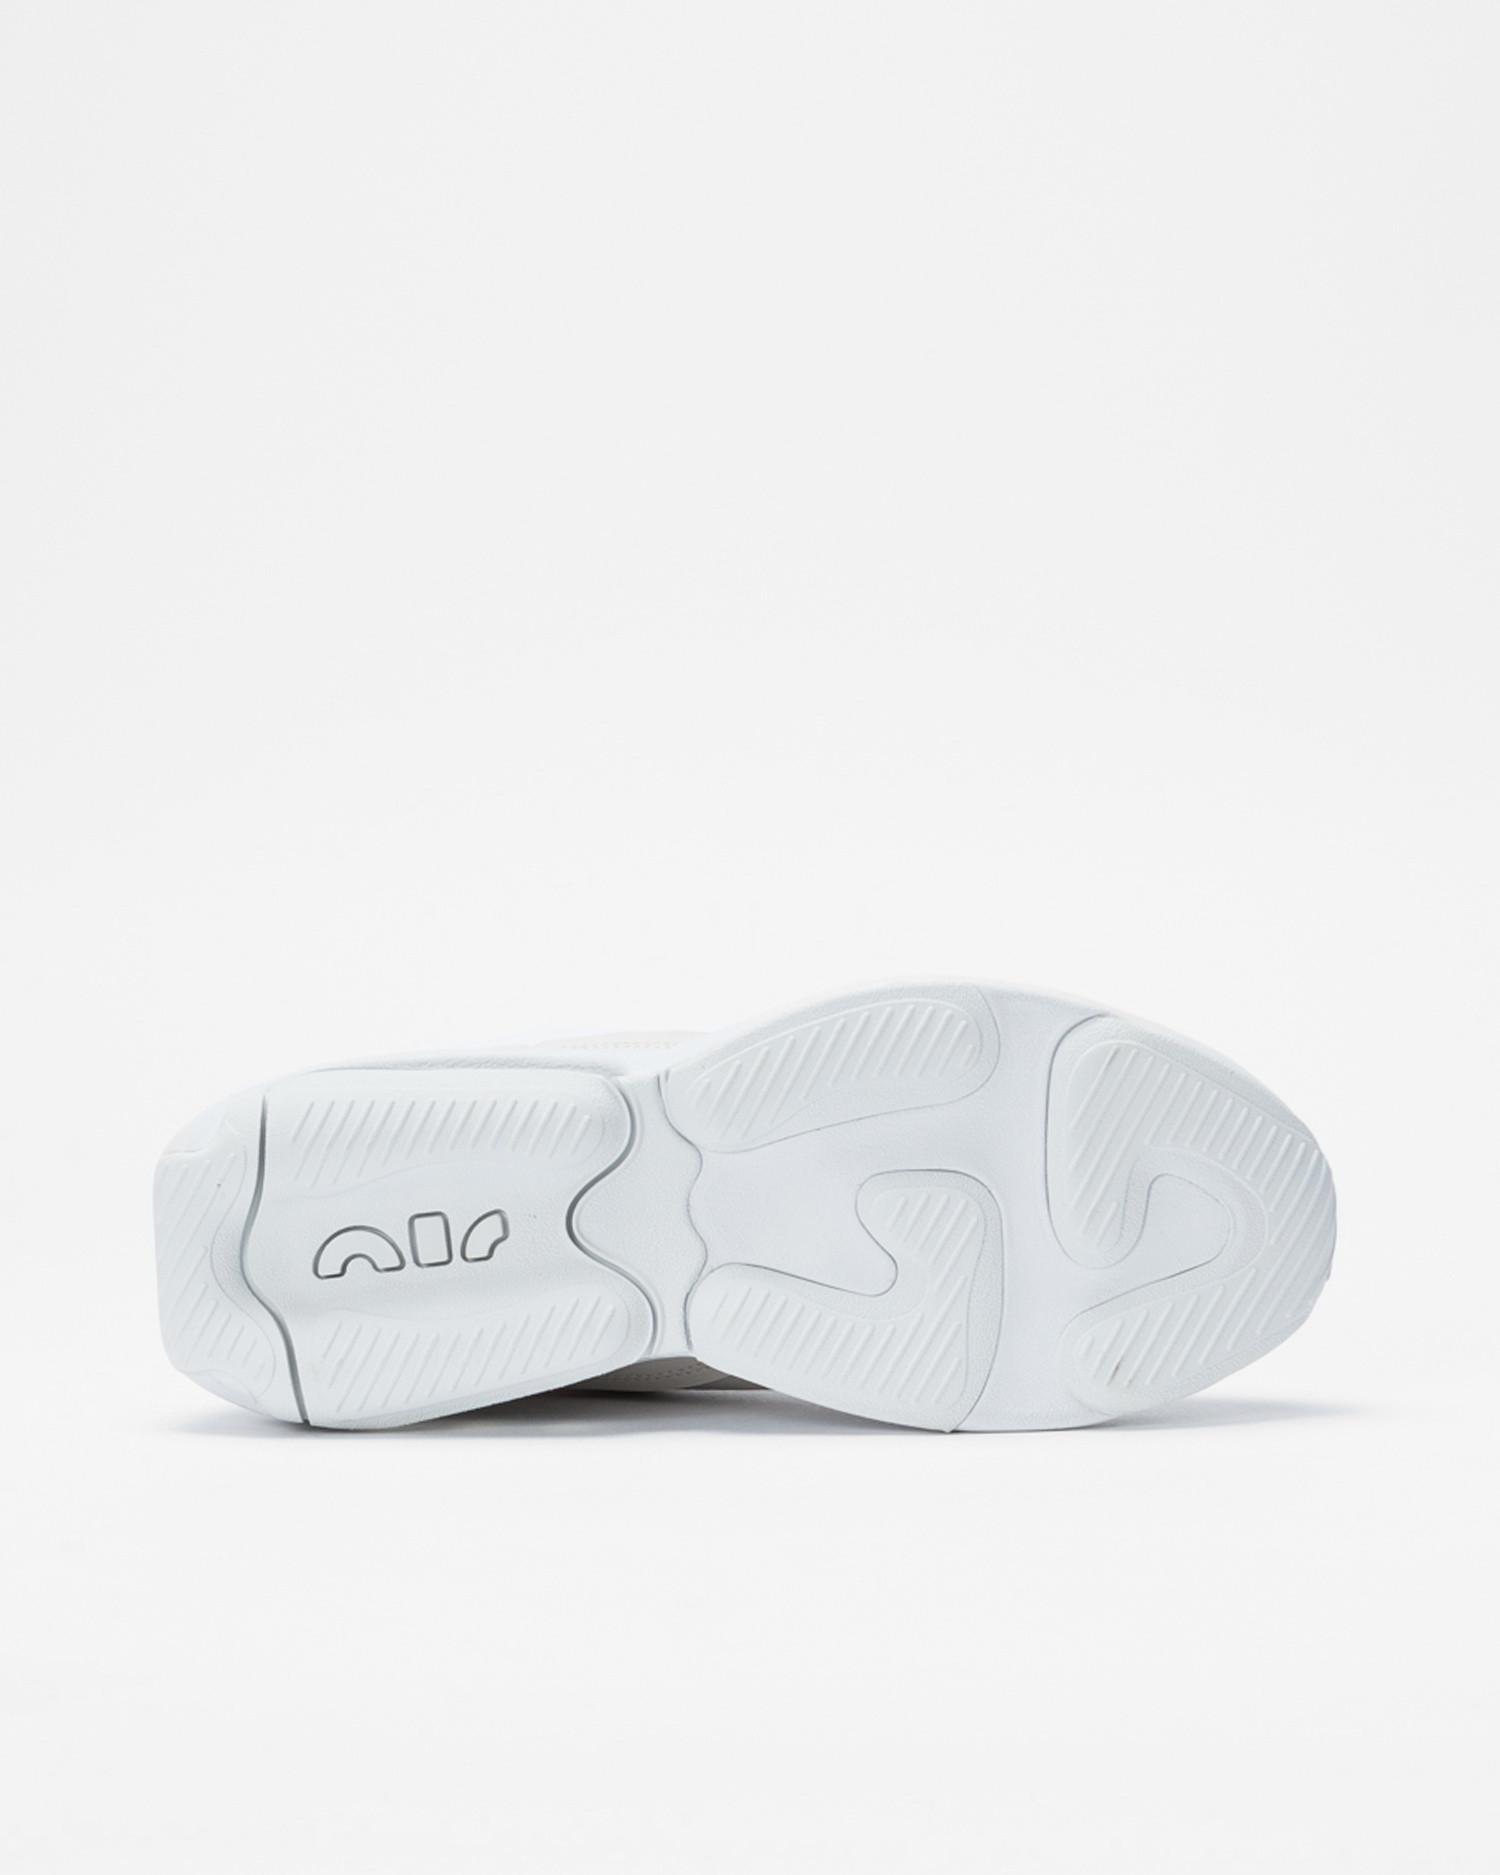 Nike Wmns Air Max Verona Light Bone/White-Photon Dust-Life Lime